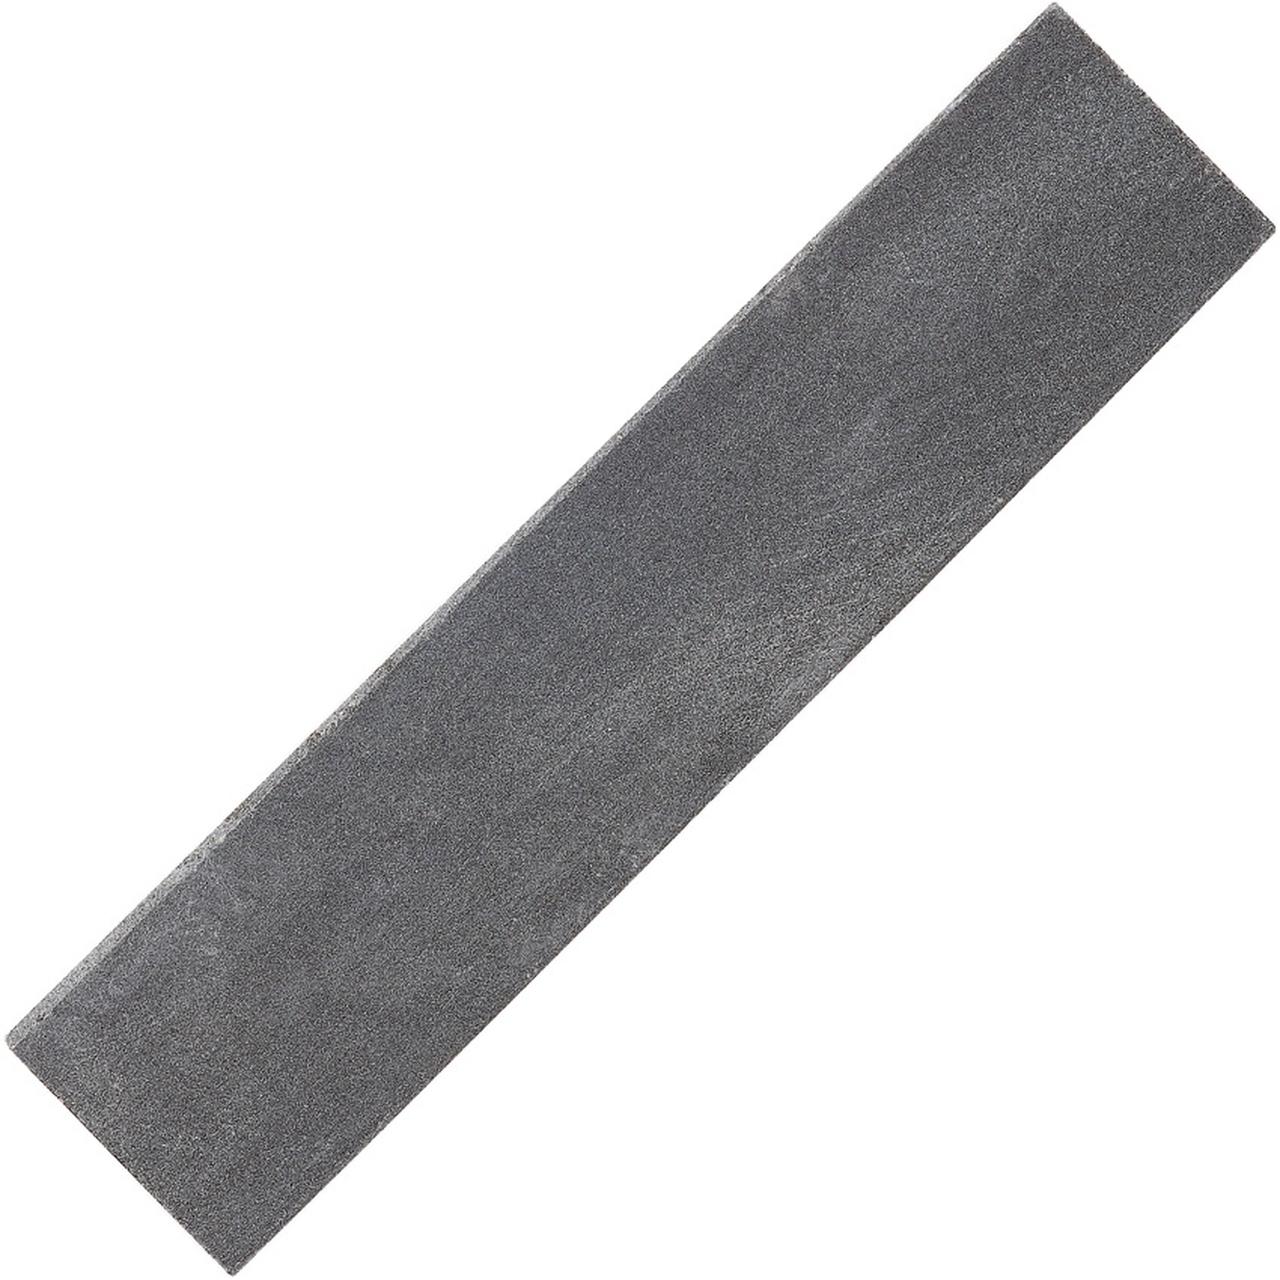 Камень точильный Opinel , 10 см, блистер, 001837